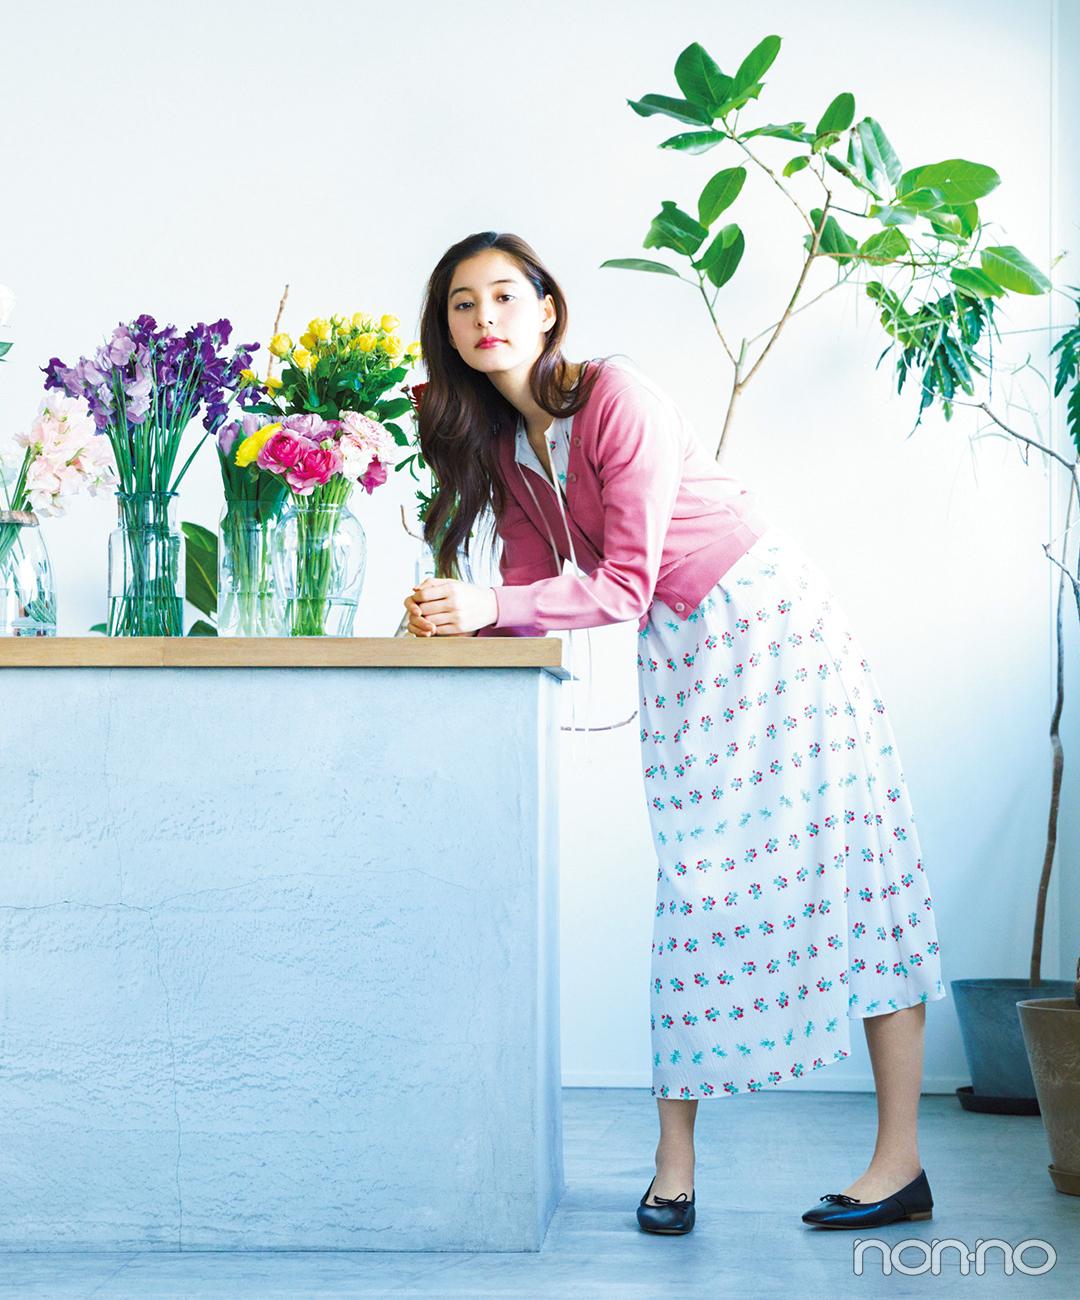 新木優子はロングワンピに華やぎカーデをまとって、春気分を先取り!【毎日コーデ】